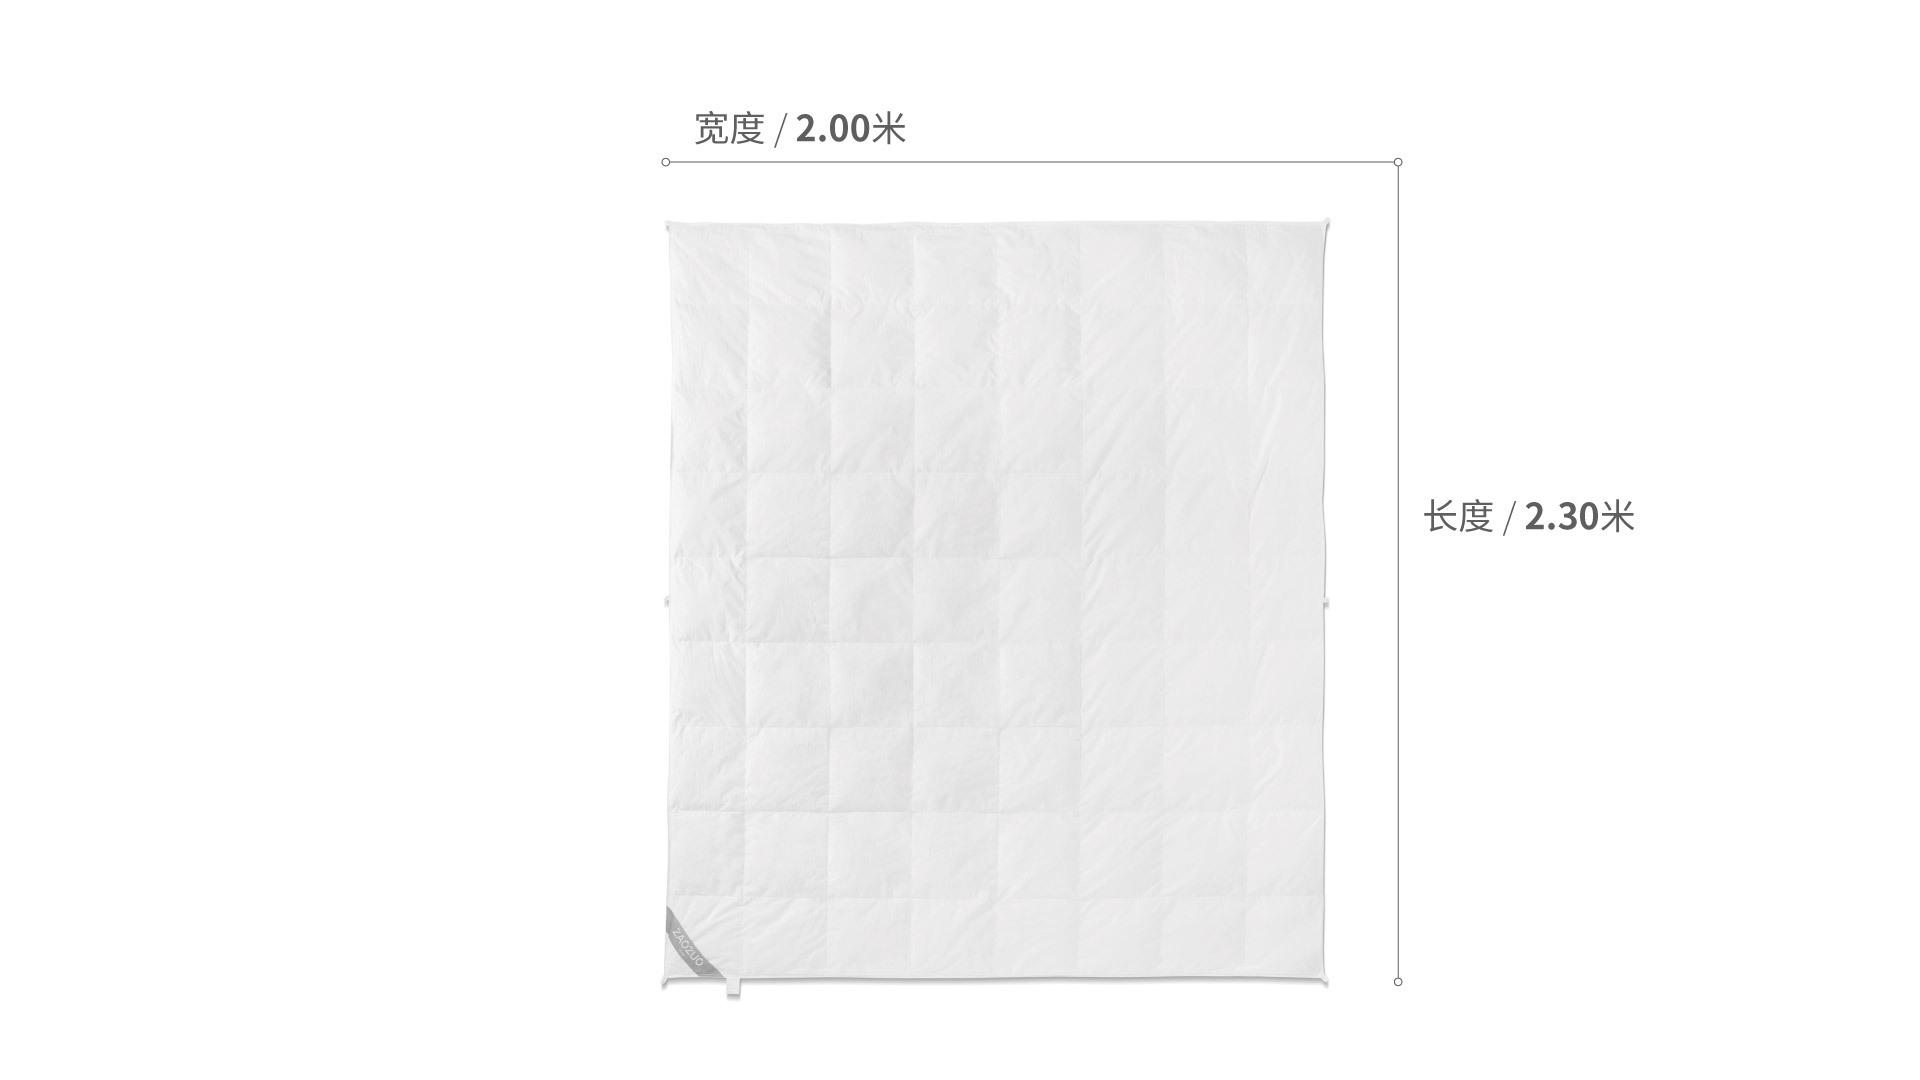 造作有眠™-轻羽被芯(薄被)1.5米床床·床品效果图